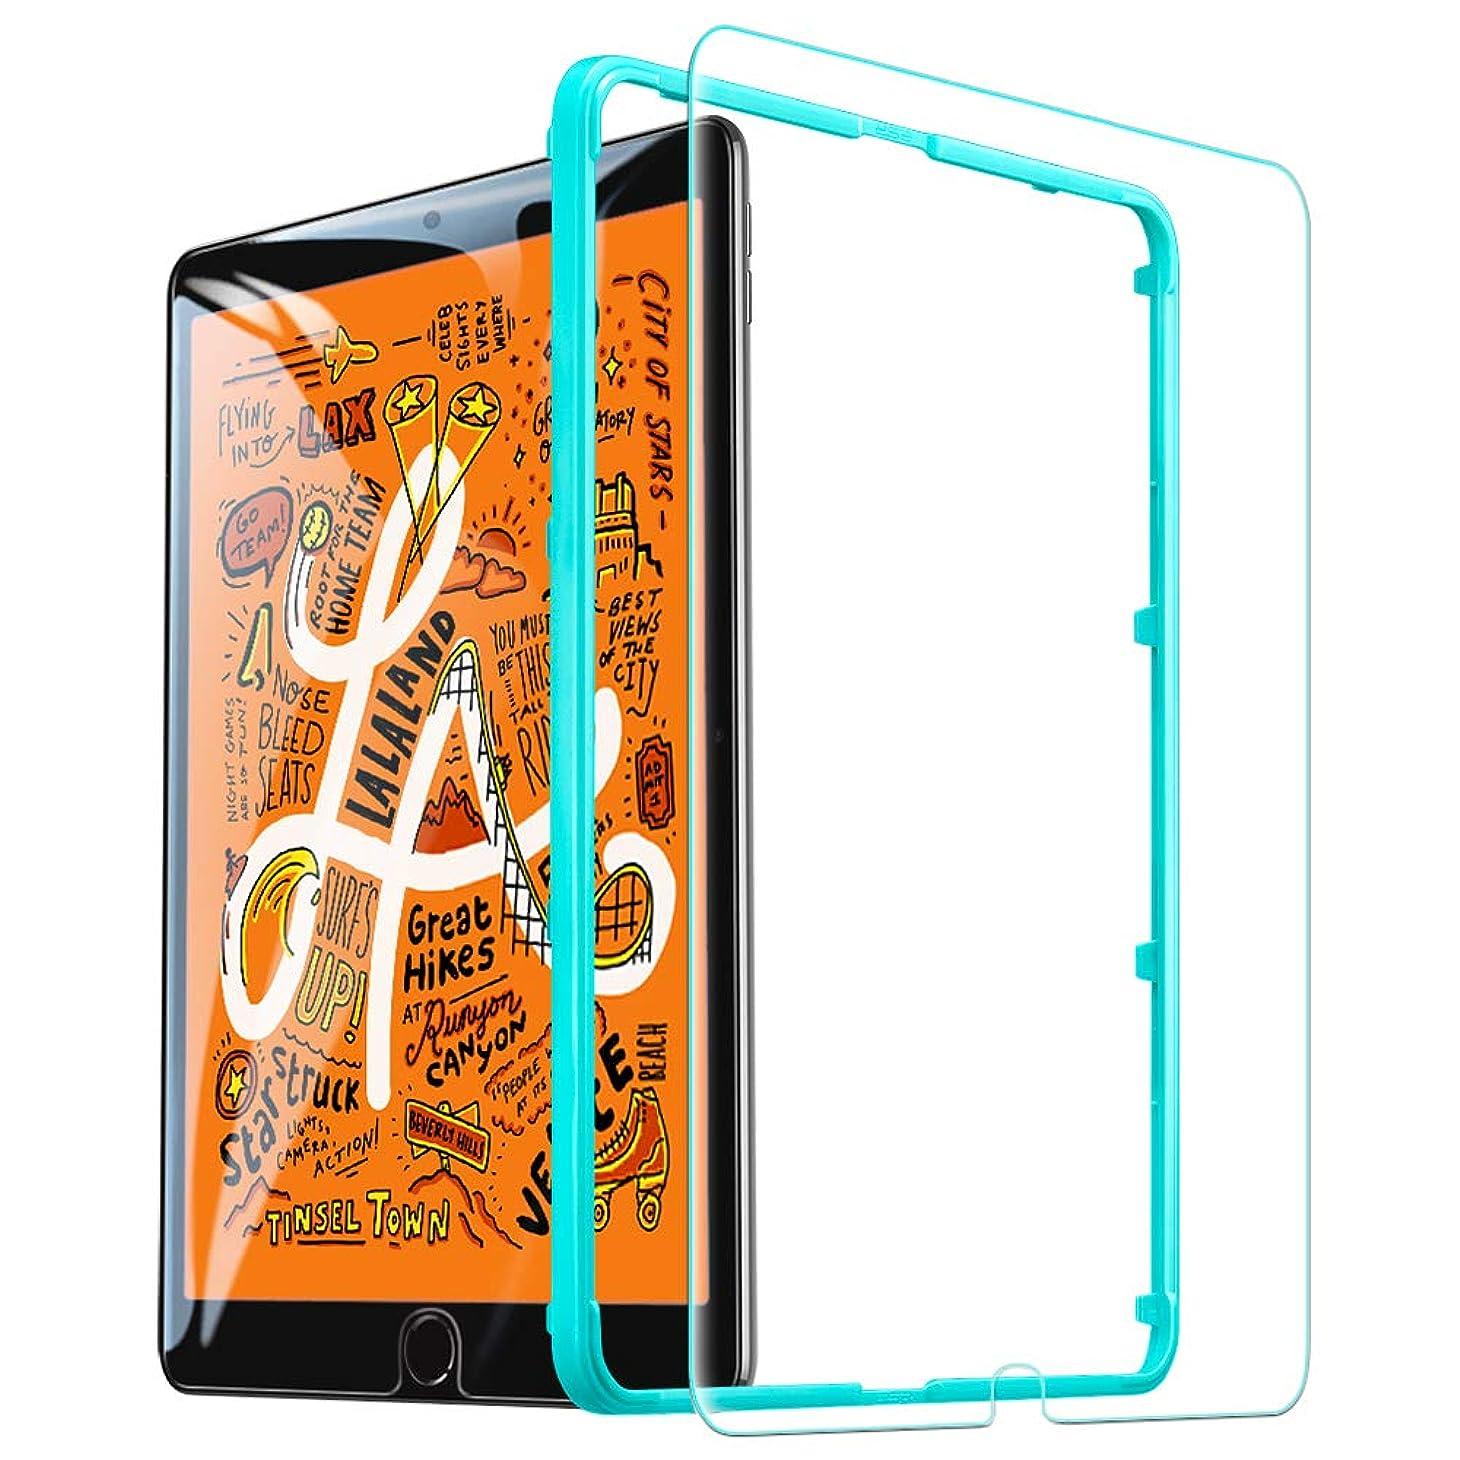 シャッター嵐の疼痛紙のような書き味 ペーパーライク iPad mini (第5世代) / iPad mini 5 用 日本製 液晶保護フィルム OverLay Paper …